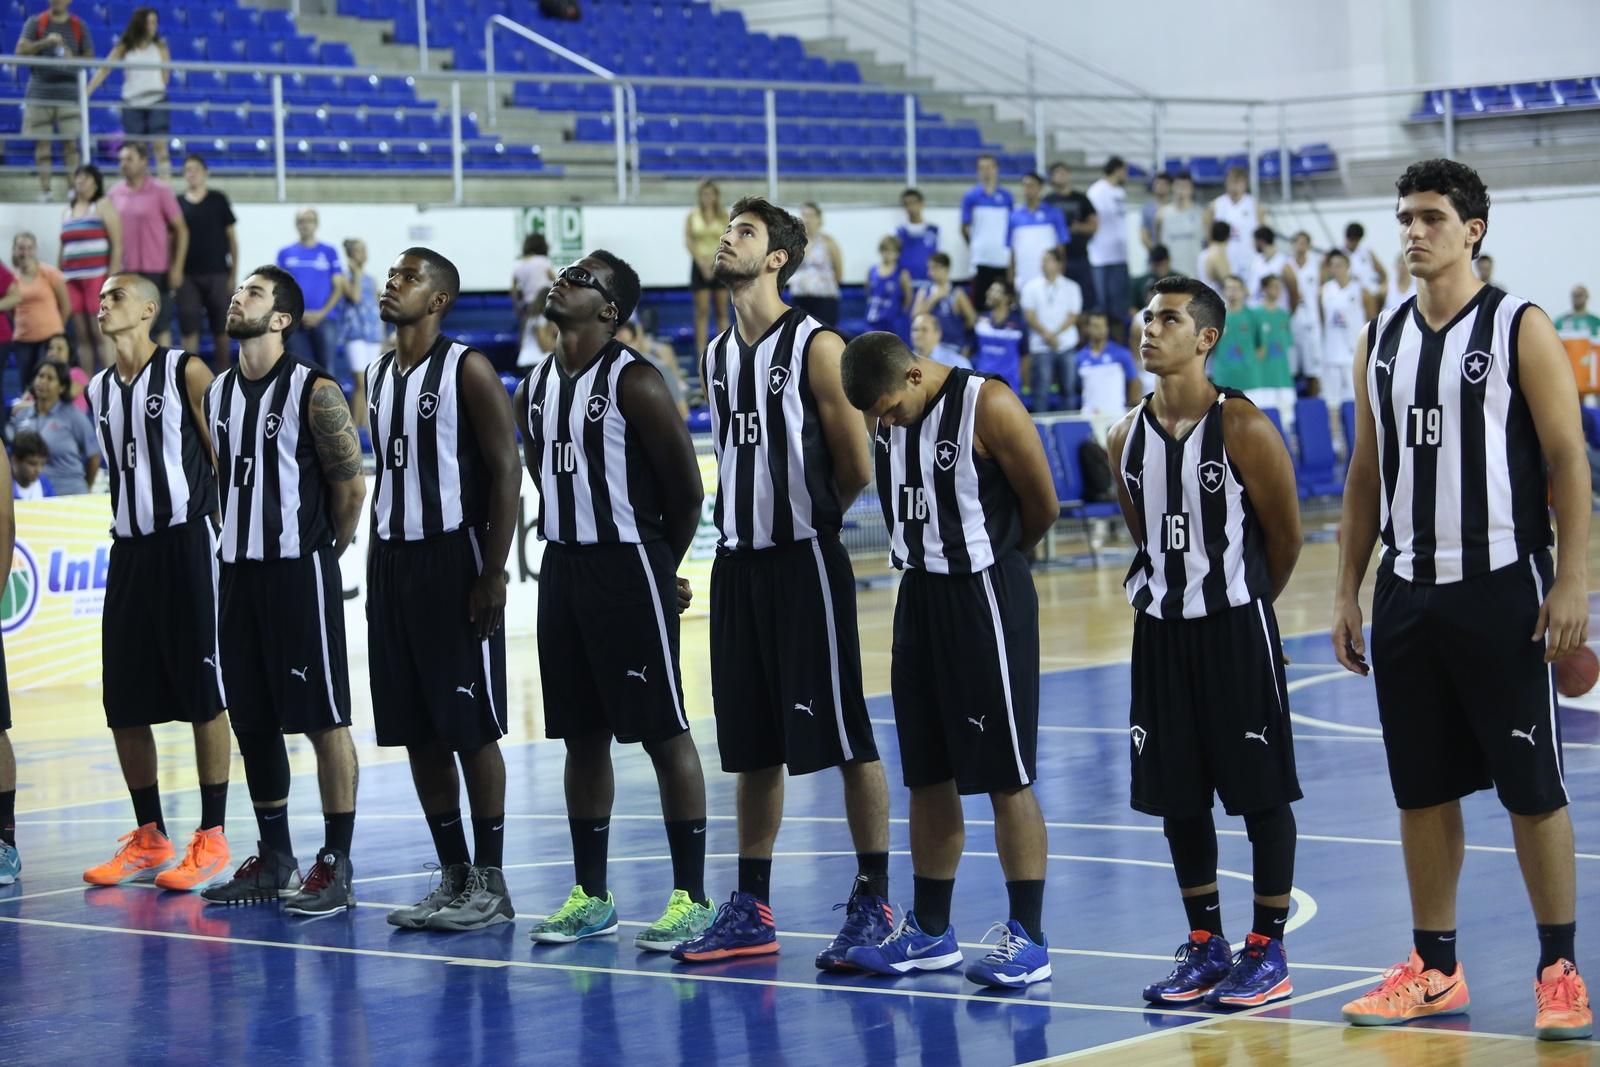 Com prorrogação e muita emoção, Botafogo conquistou sua primeira vitória na LDB (Orlando Bento/LNB)